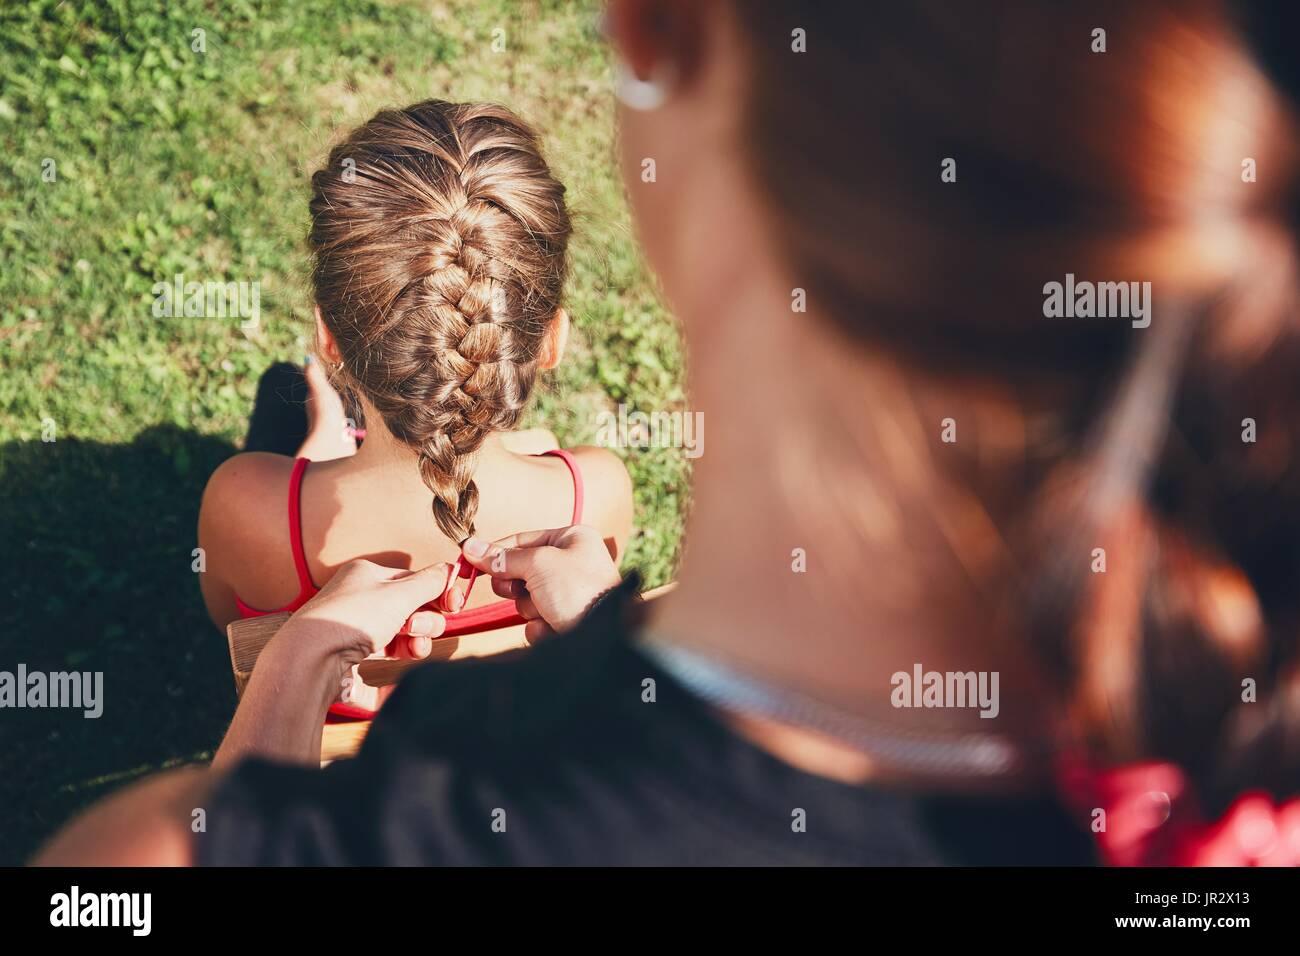 Mujer joven haciendo que el cabello trenzas de la niña en el jardín en el paisaje. Foto de stock